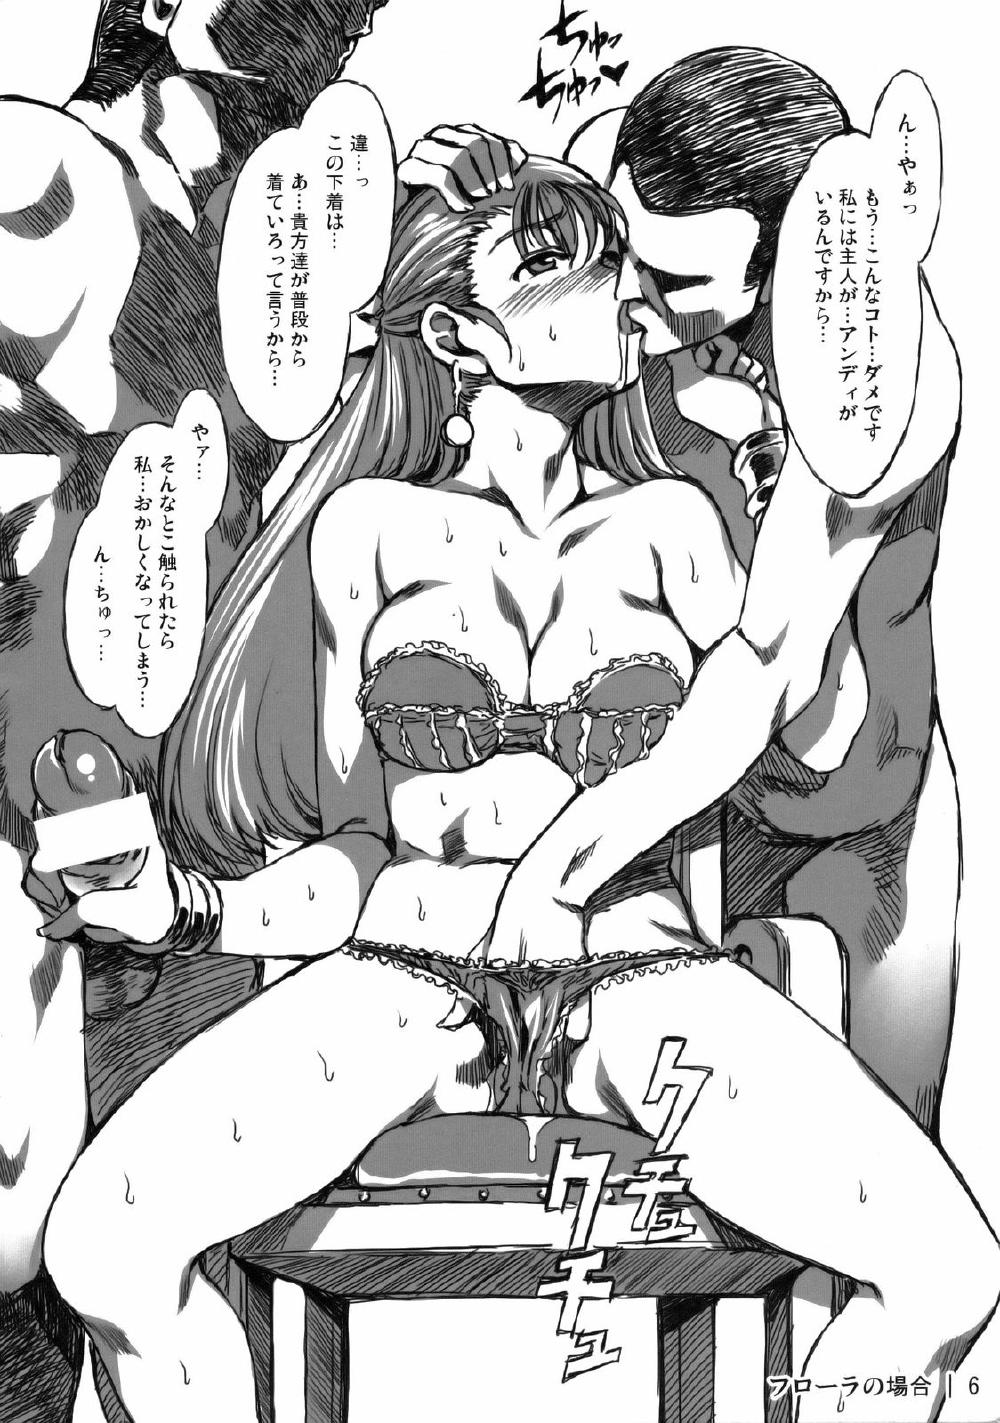 【エロ漫画】旦那が何者であれ人妻はただの雌 つまりチンポには絶対に弱いってことだよな・・・?